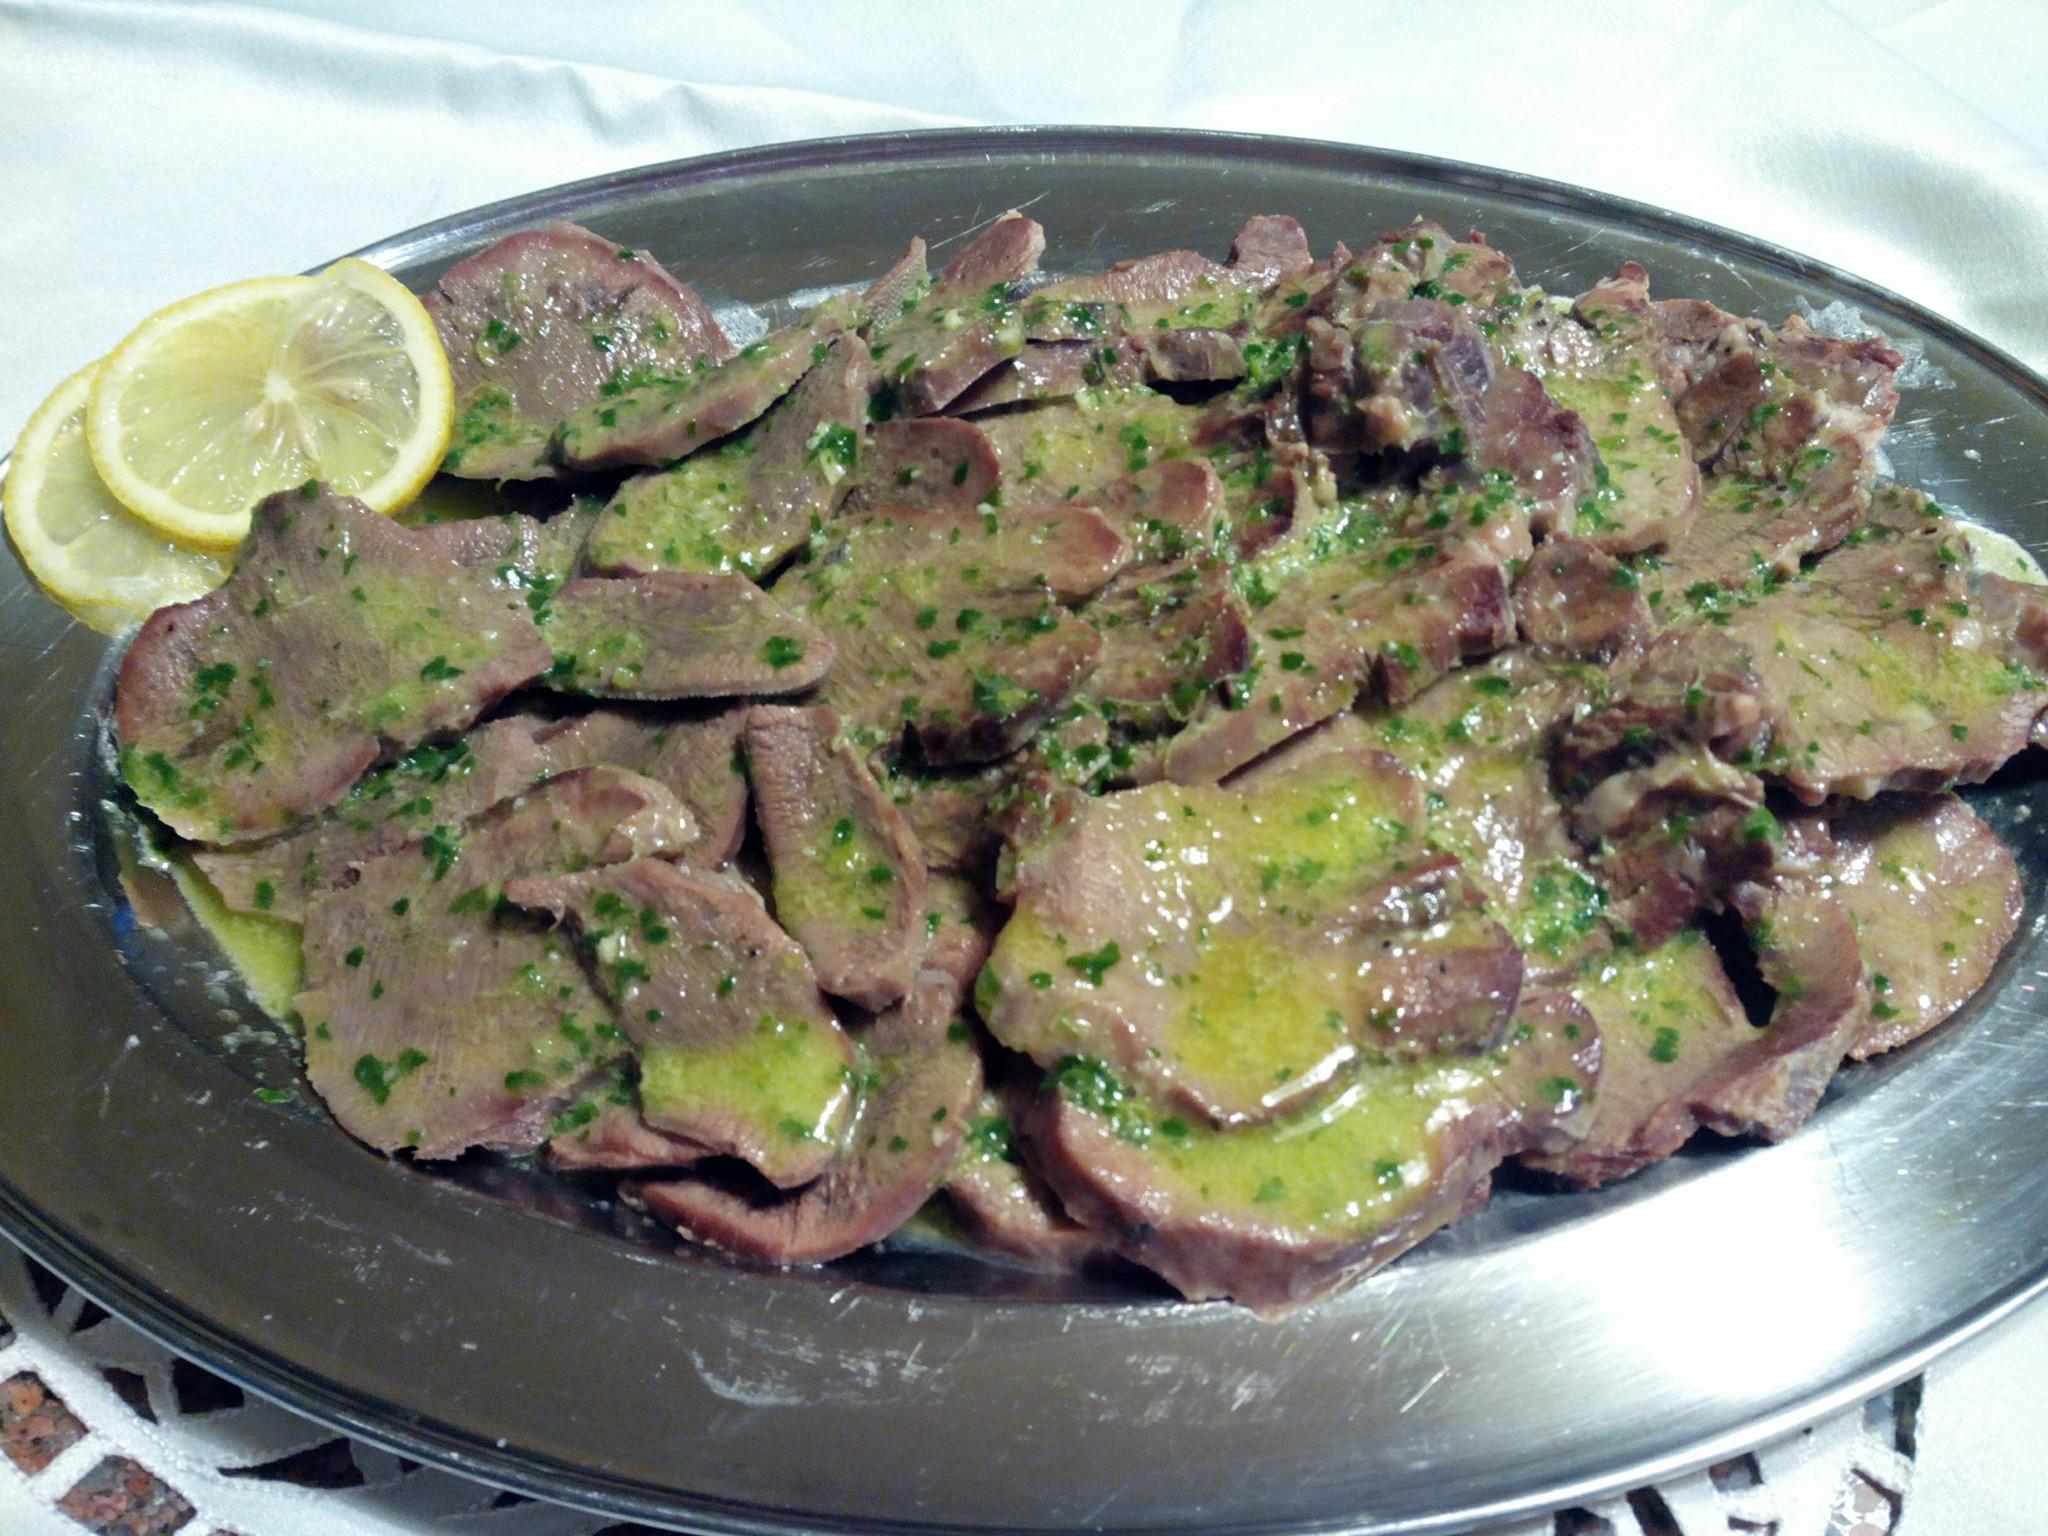 Lingua di vitello in salsa al limone.